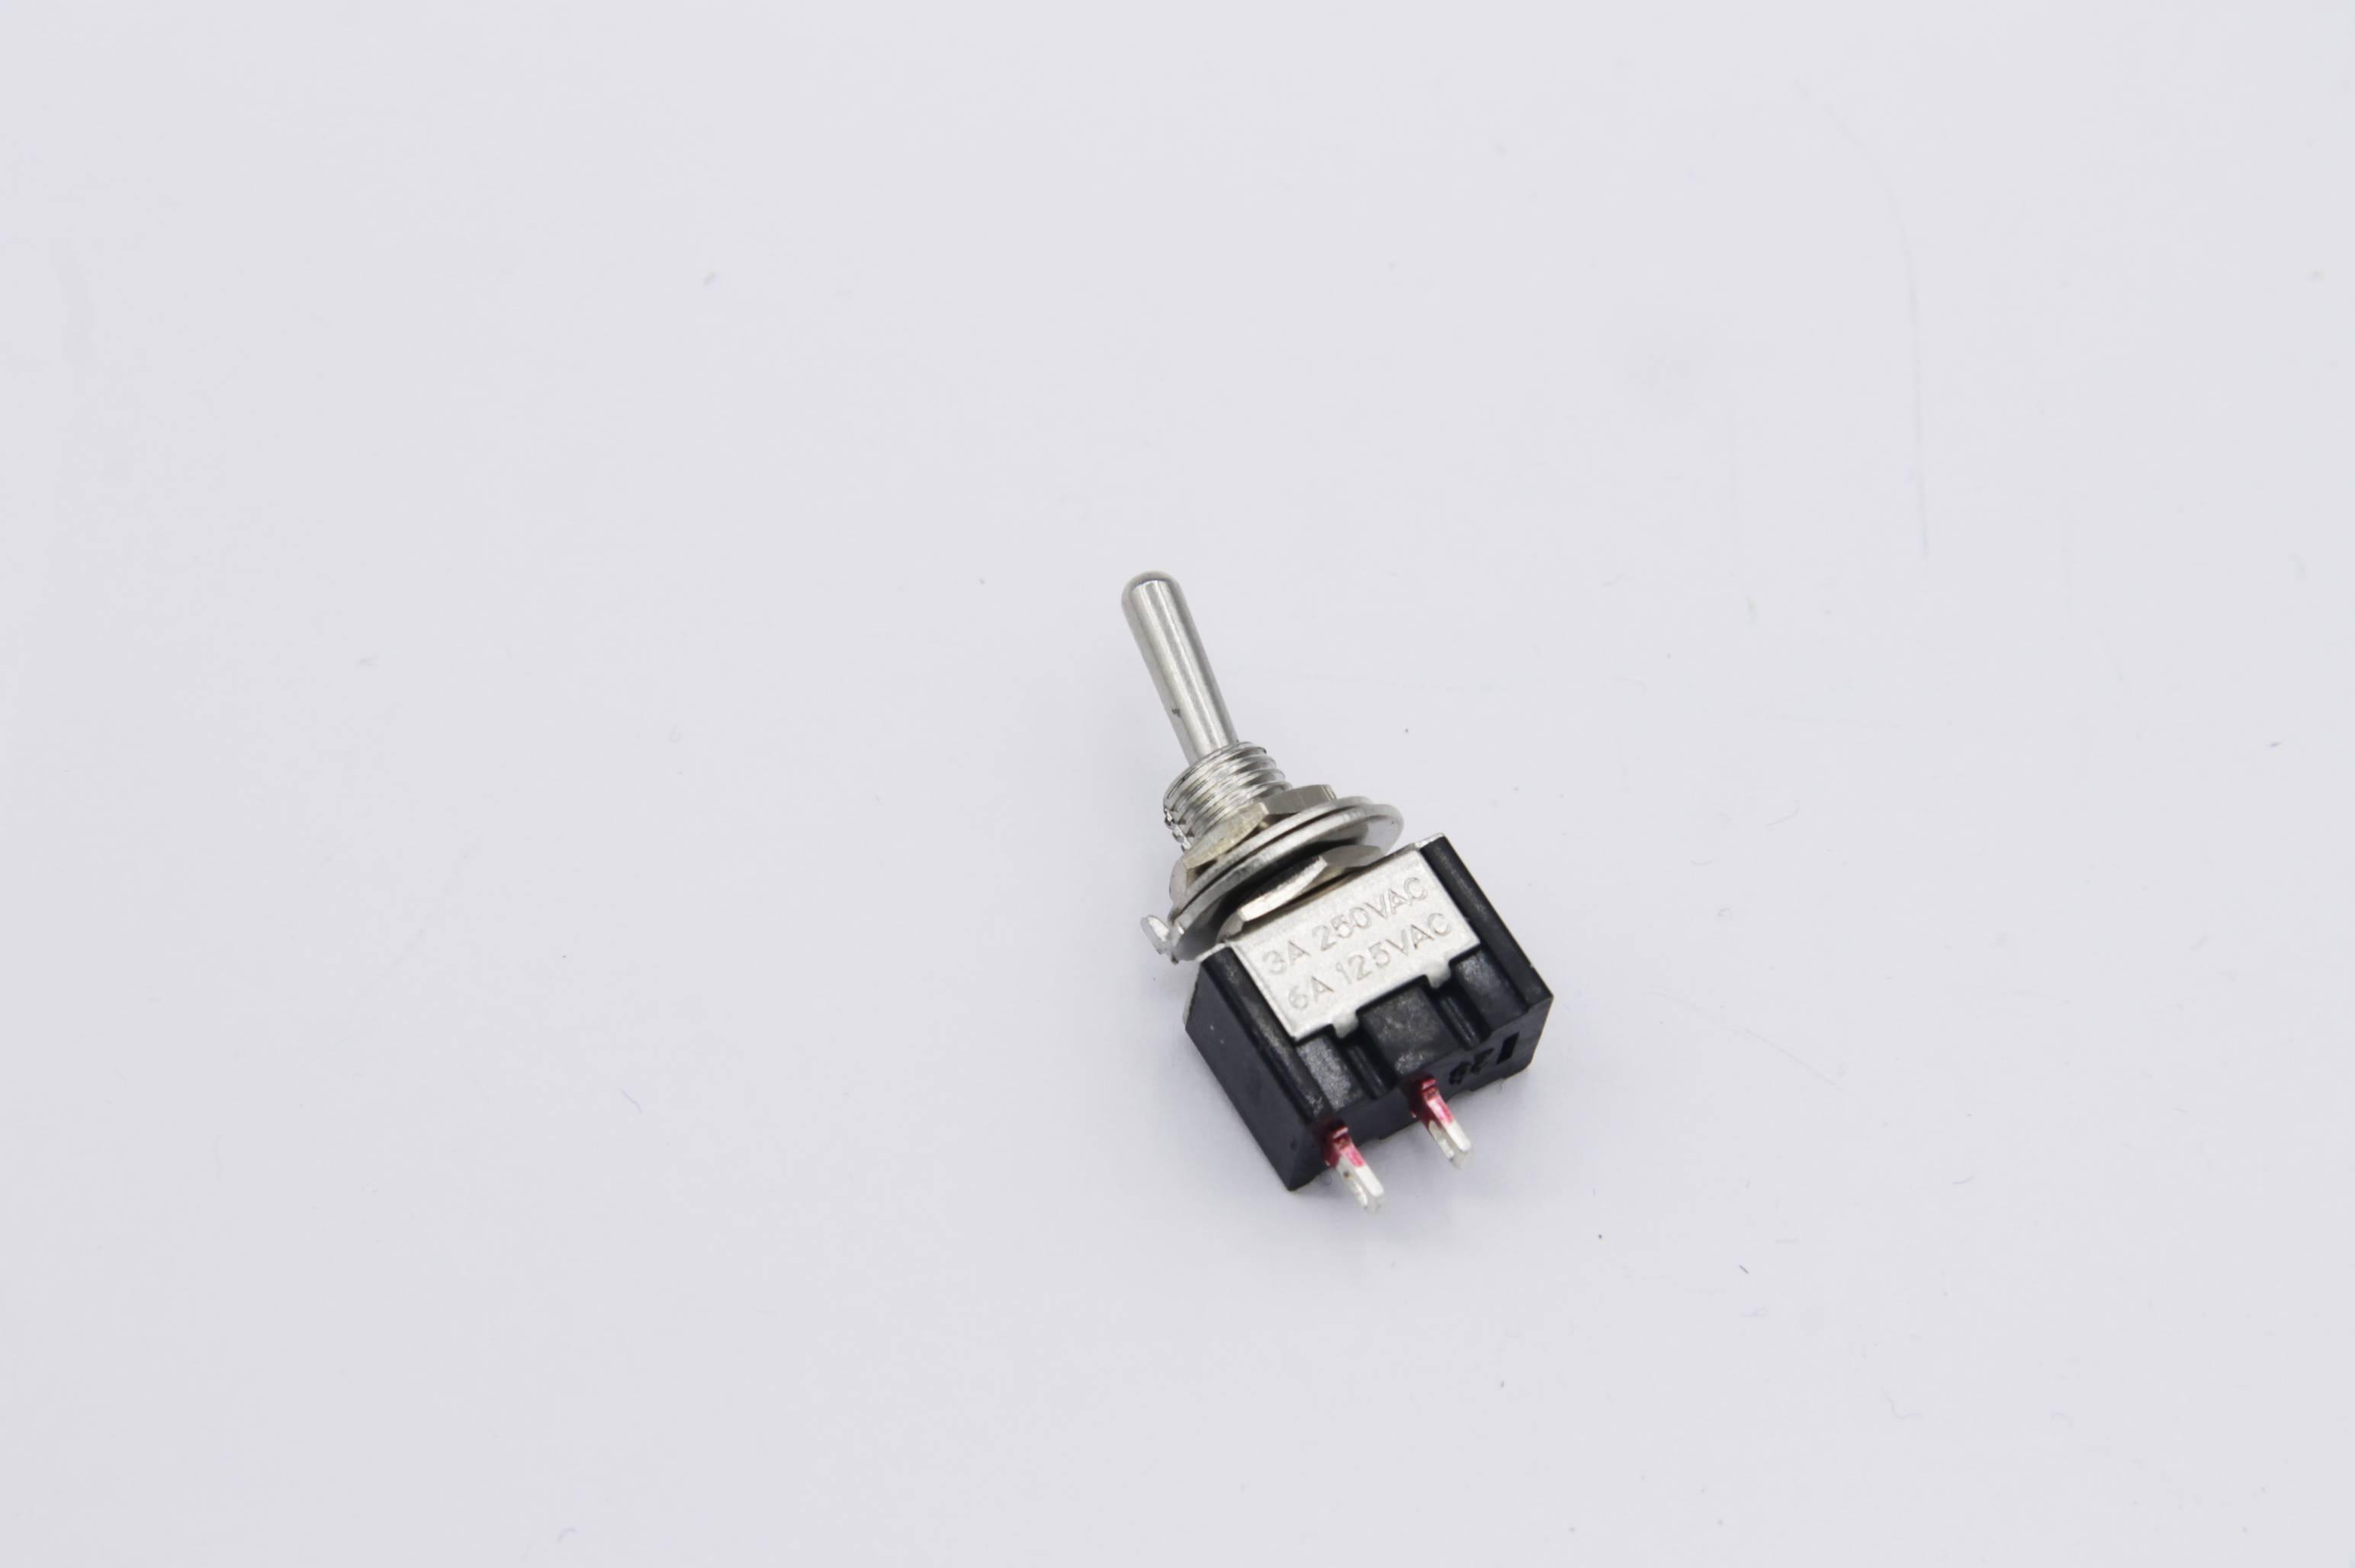 Miniatur Kippschalter 1x Ein - 2 Schaltstellungen 1-polig 2 Pin Ein/Aus